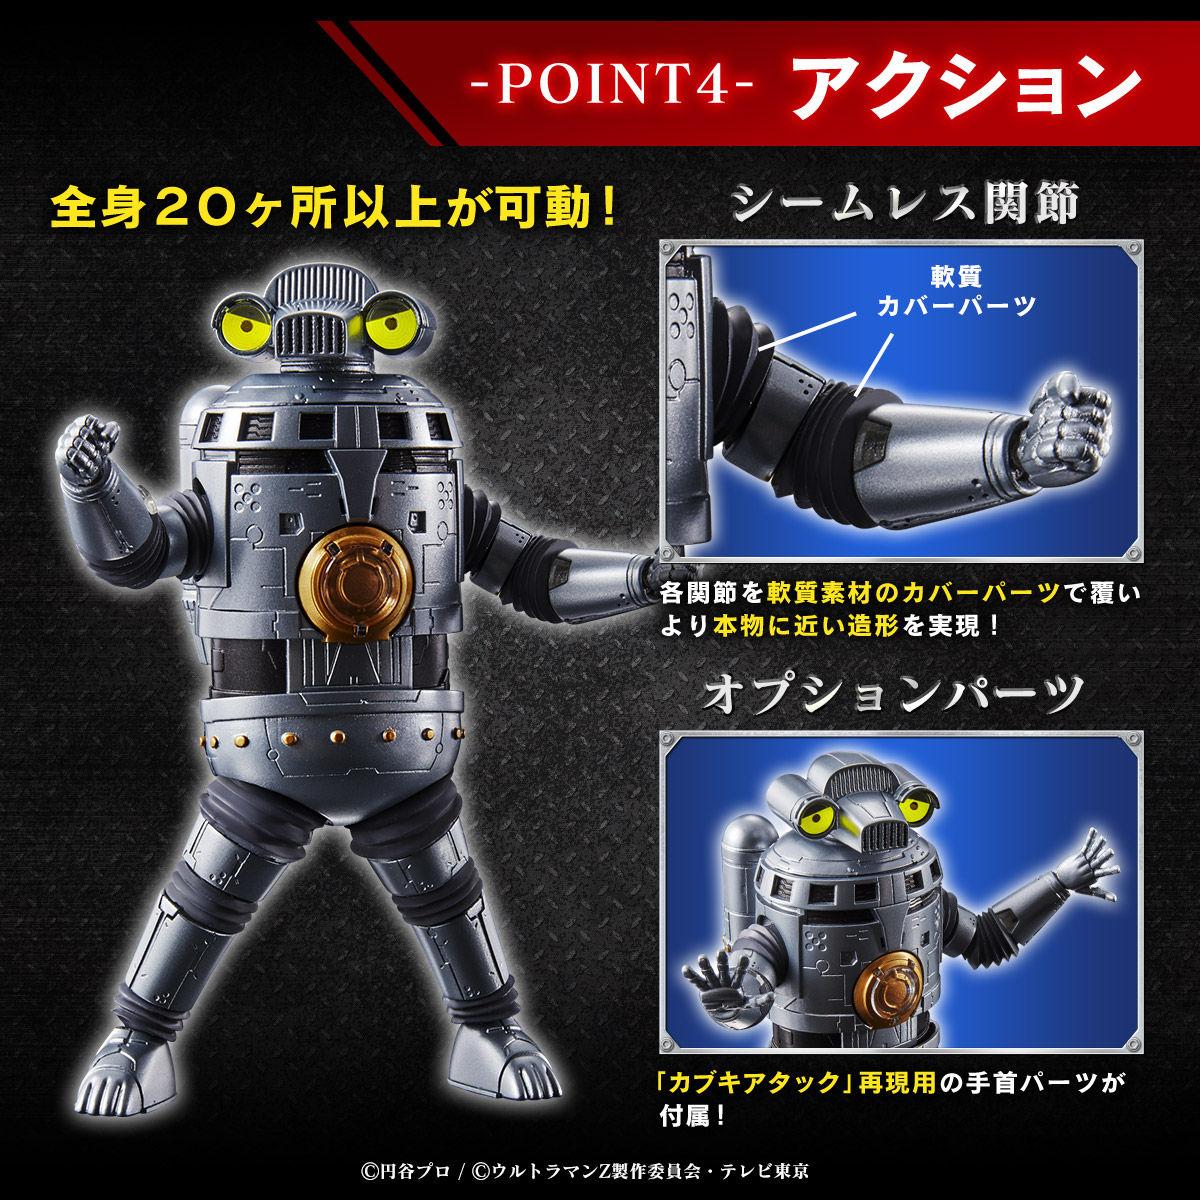 【限定販売】ウルトラマンZ『光る!鳴る! 特空機1号 セブンガー』可動フィギュア-004